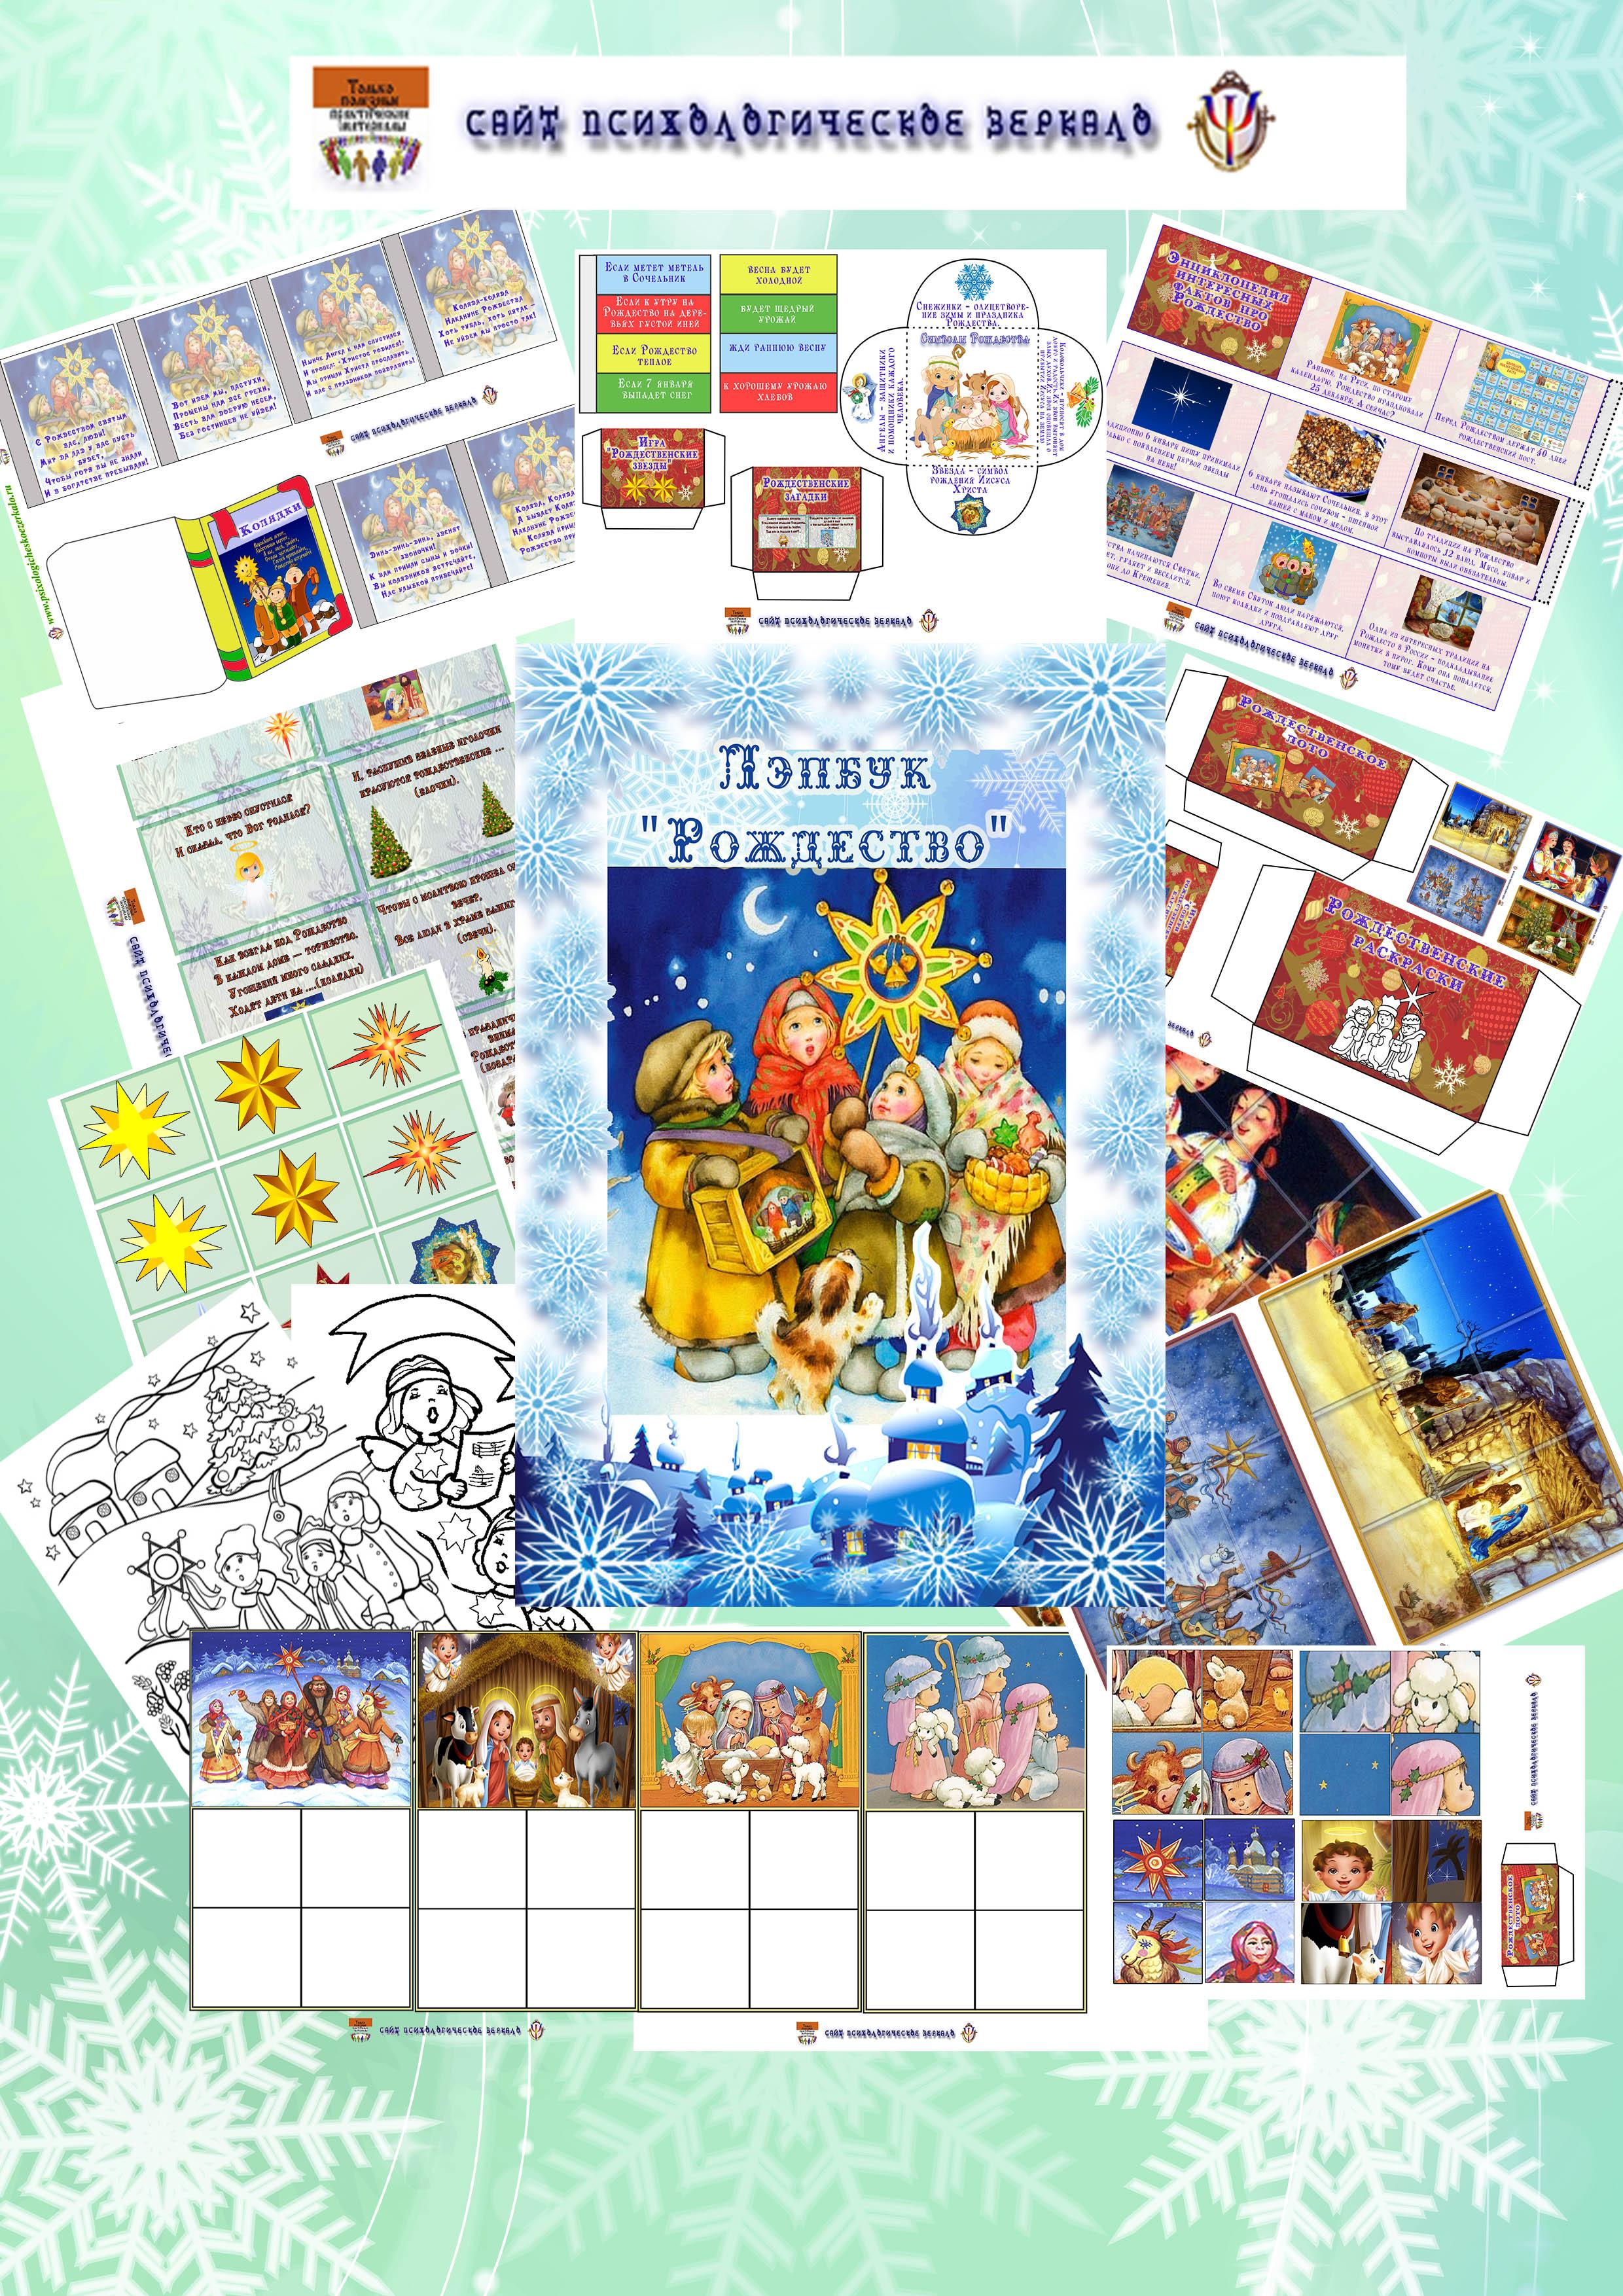 Лэпбук, рождество, рождественские, колядки, игры, купить, шаблоны, скачать, идеи для лэпбука